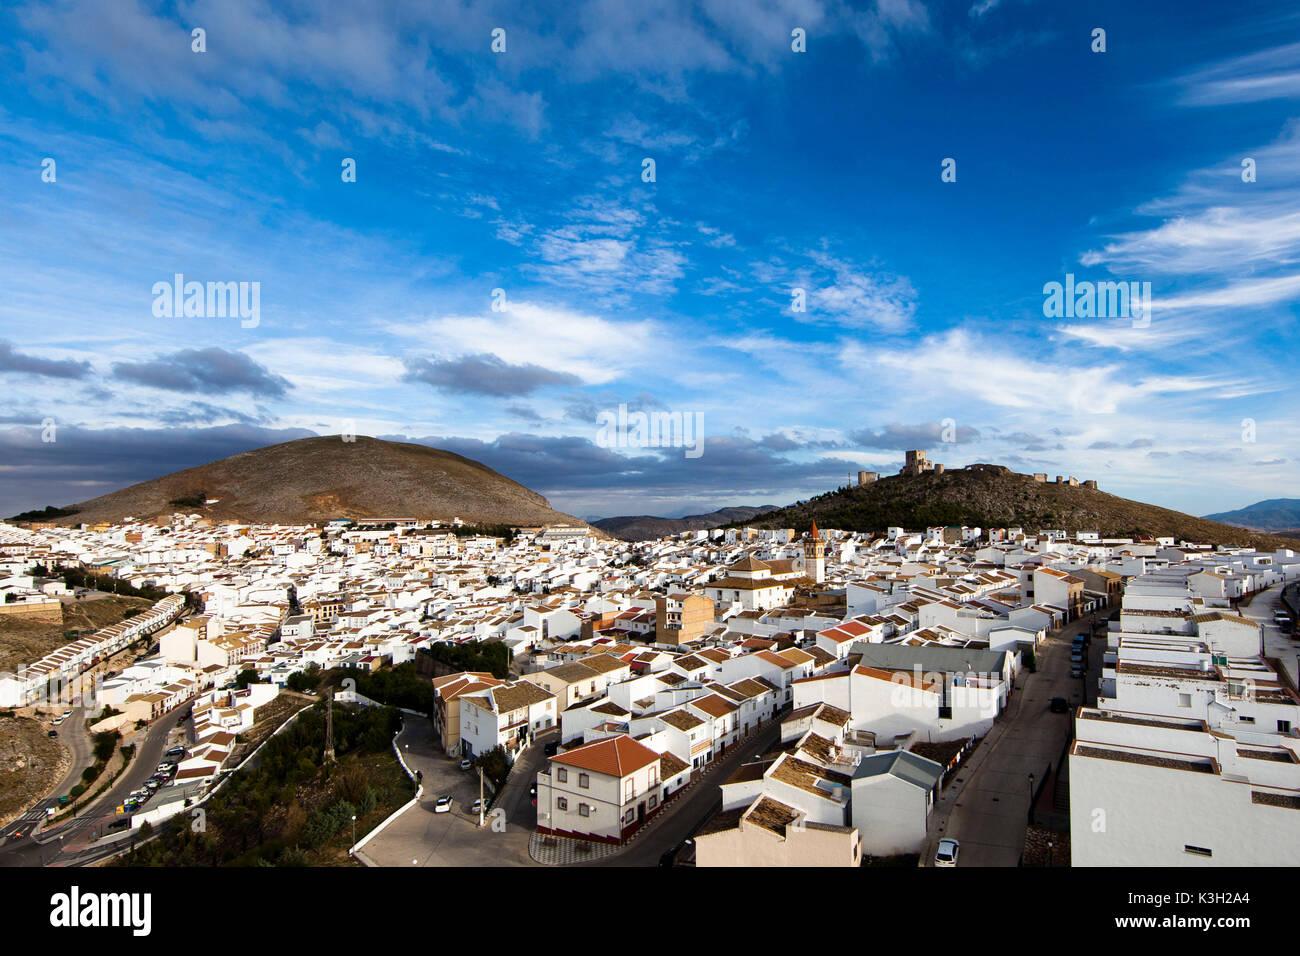 Teba, castello de la Estrella, villaggio di montagna, Andalusia, fotografia aerea, provincia di Malaga, Spagna Immagini Stock